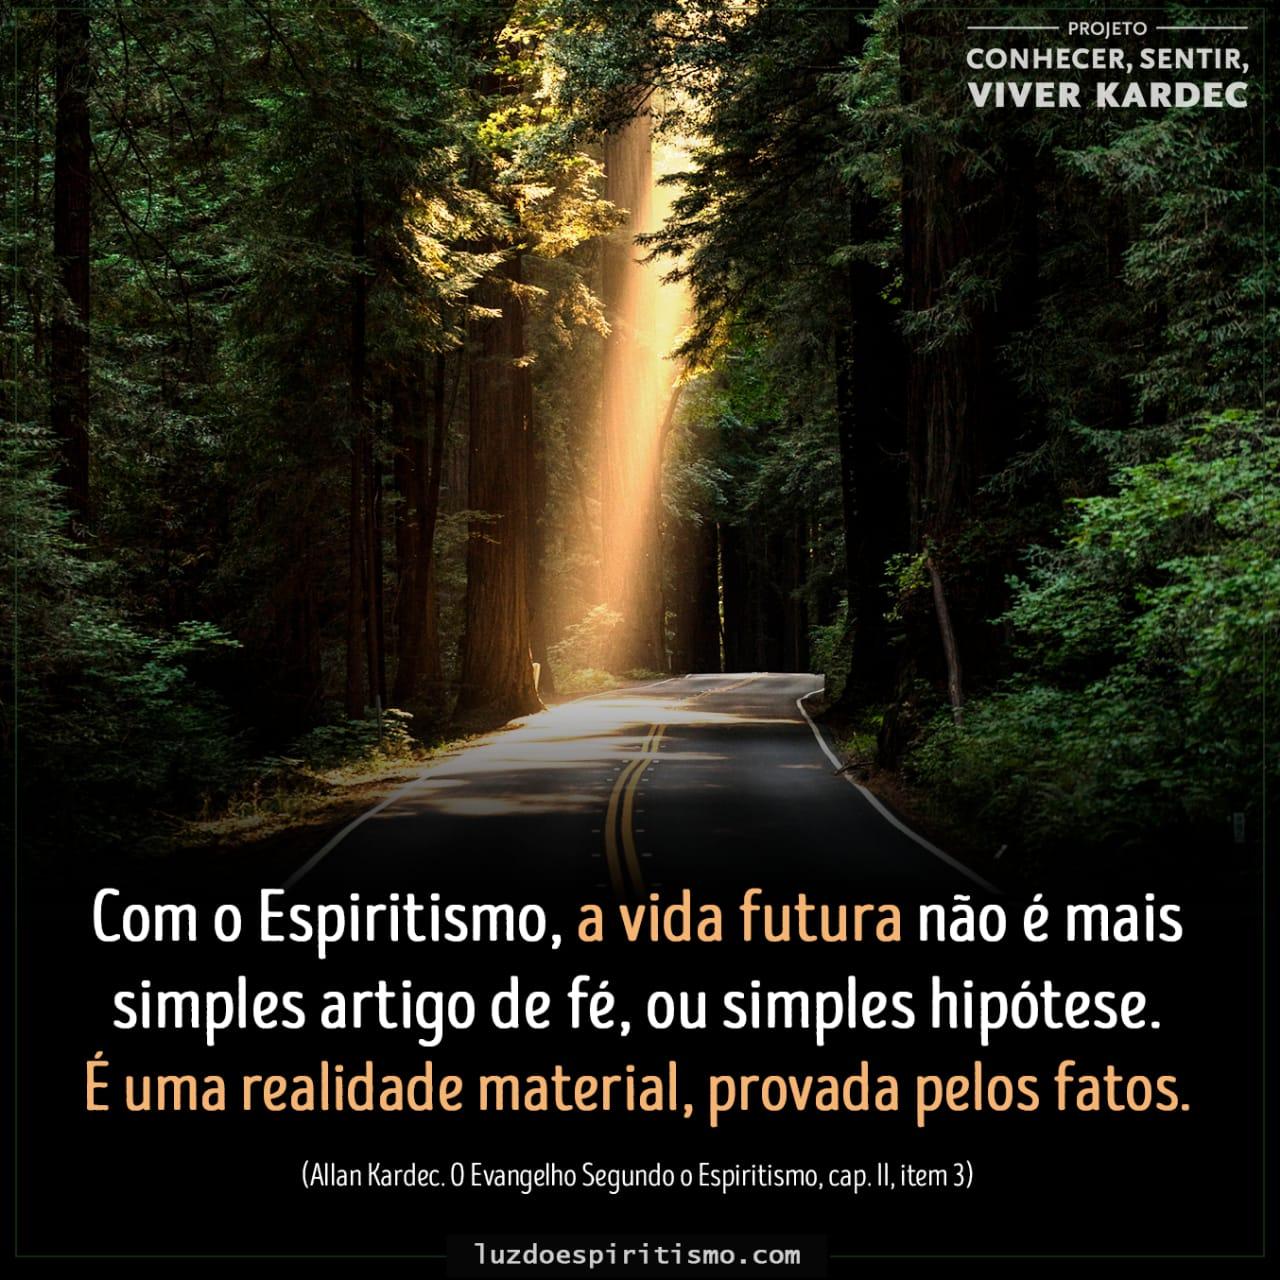 Citação de imagem: a vida futura - Projeto Conhecer, Sentir, Viver Kardec